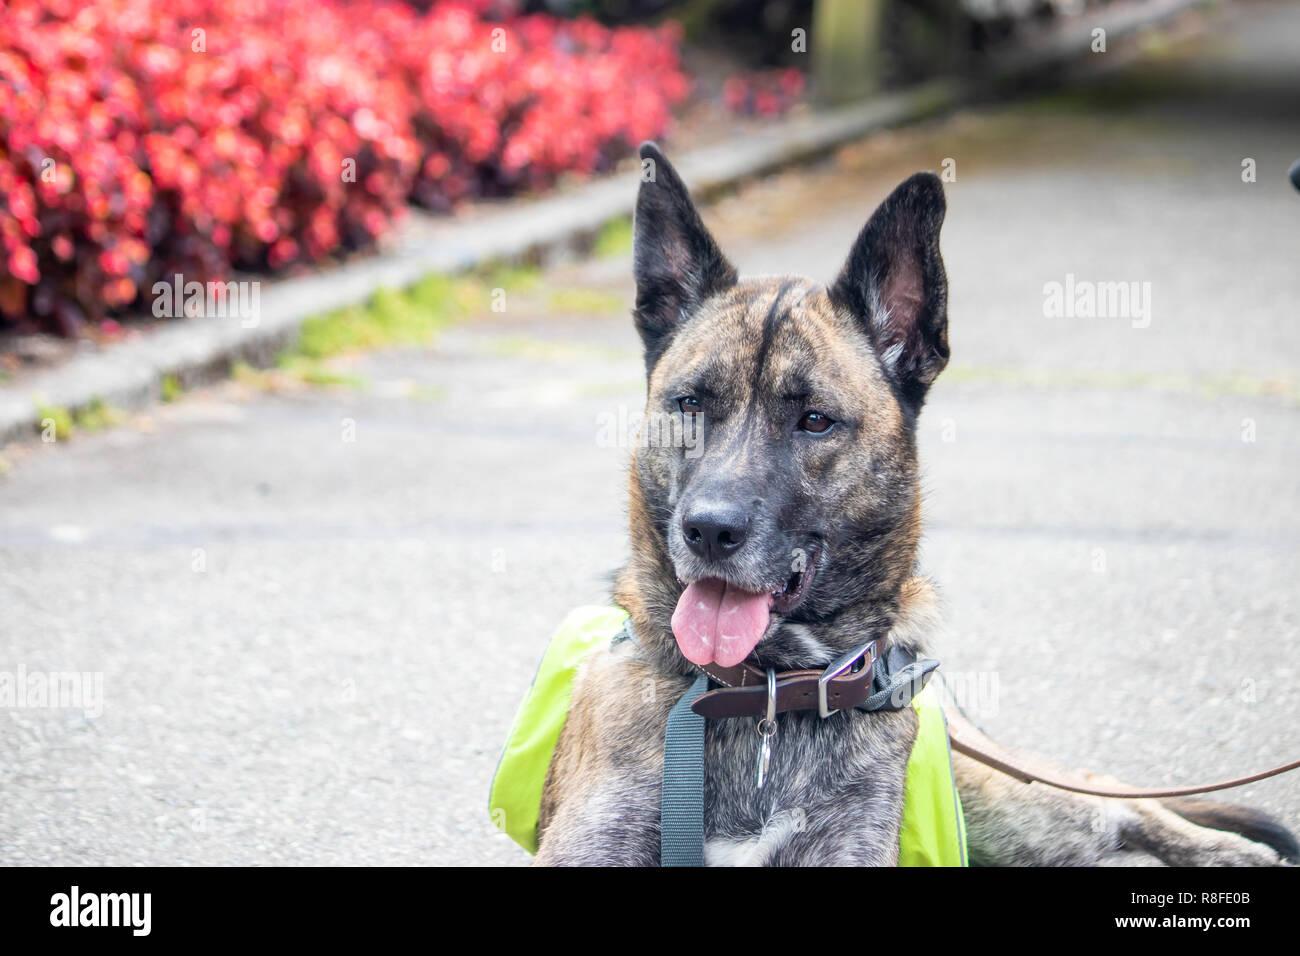 Große gestromten Hund sieht glücklich im Blumengarten im Sommer Stockbild